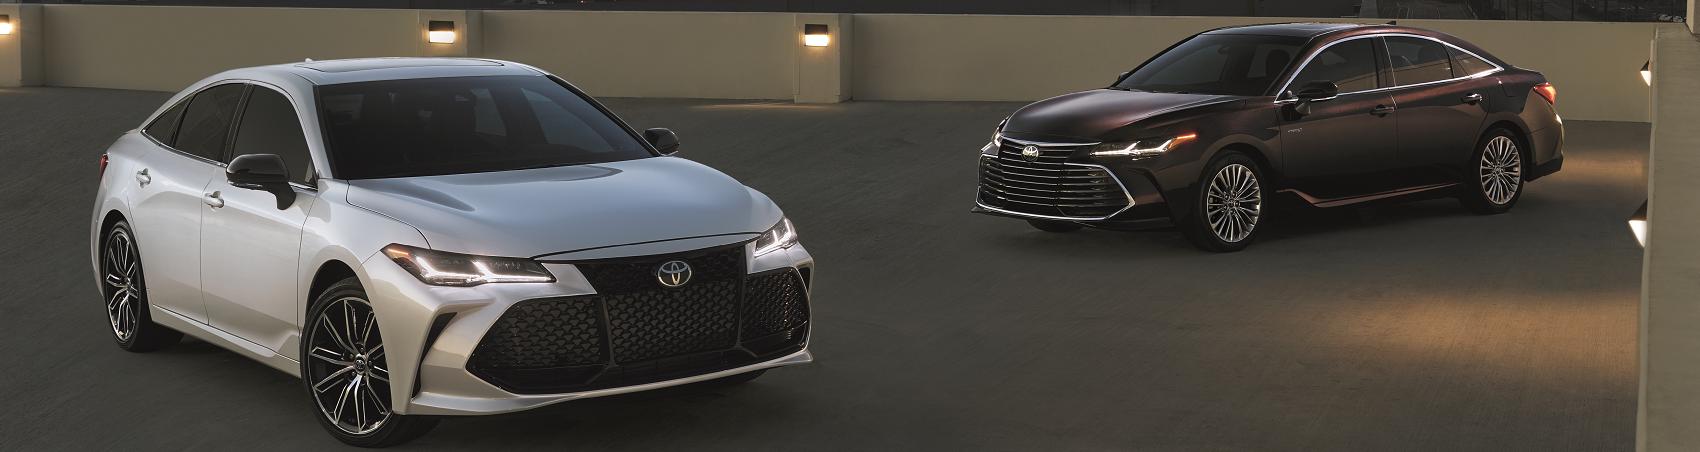 2019 Toyota Avalon Models